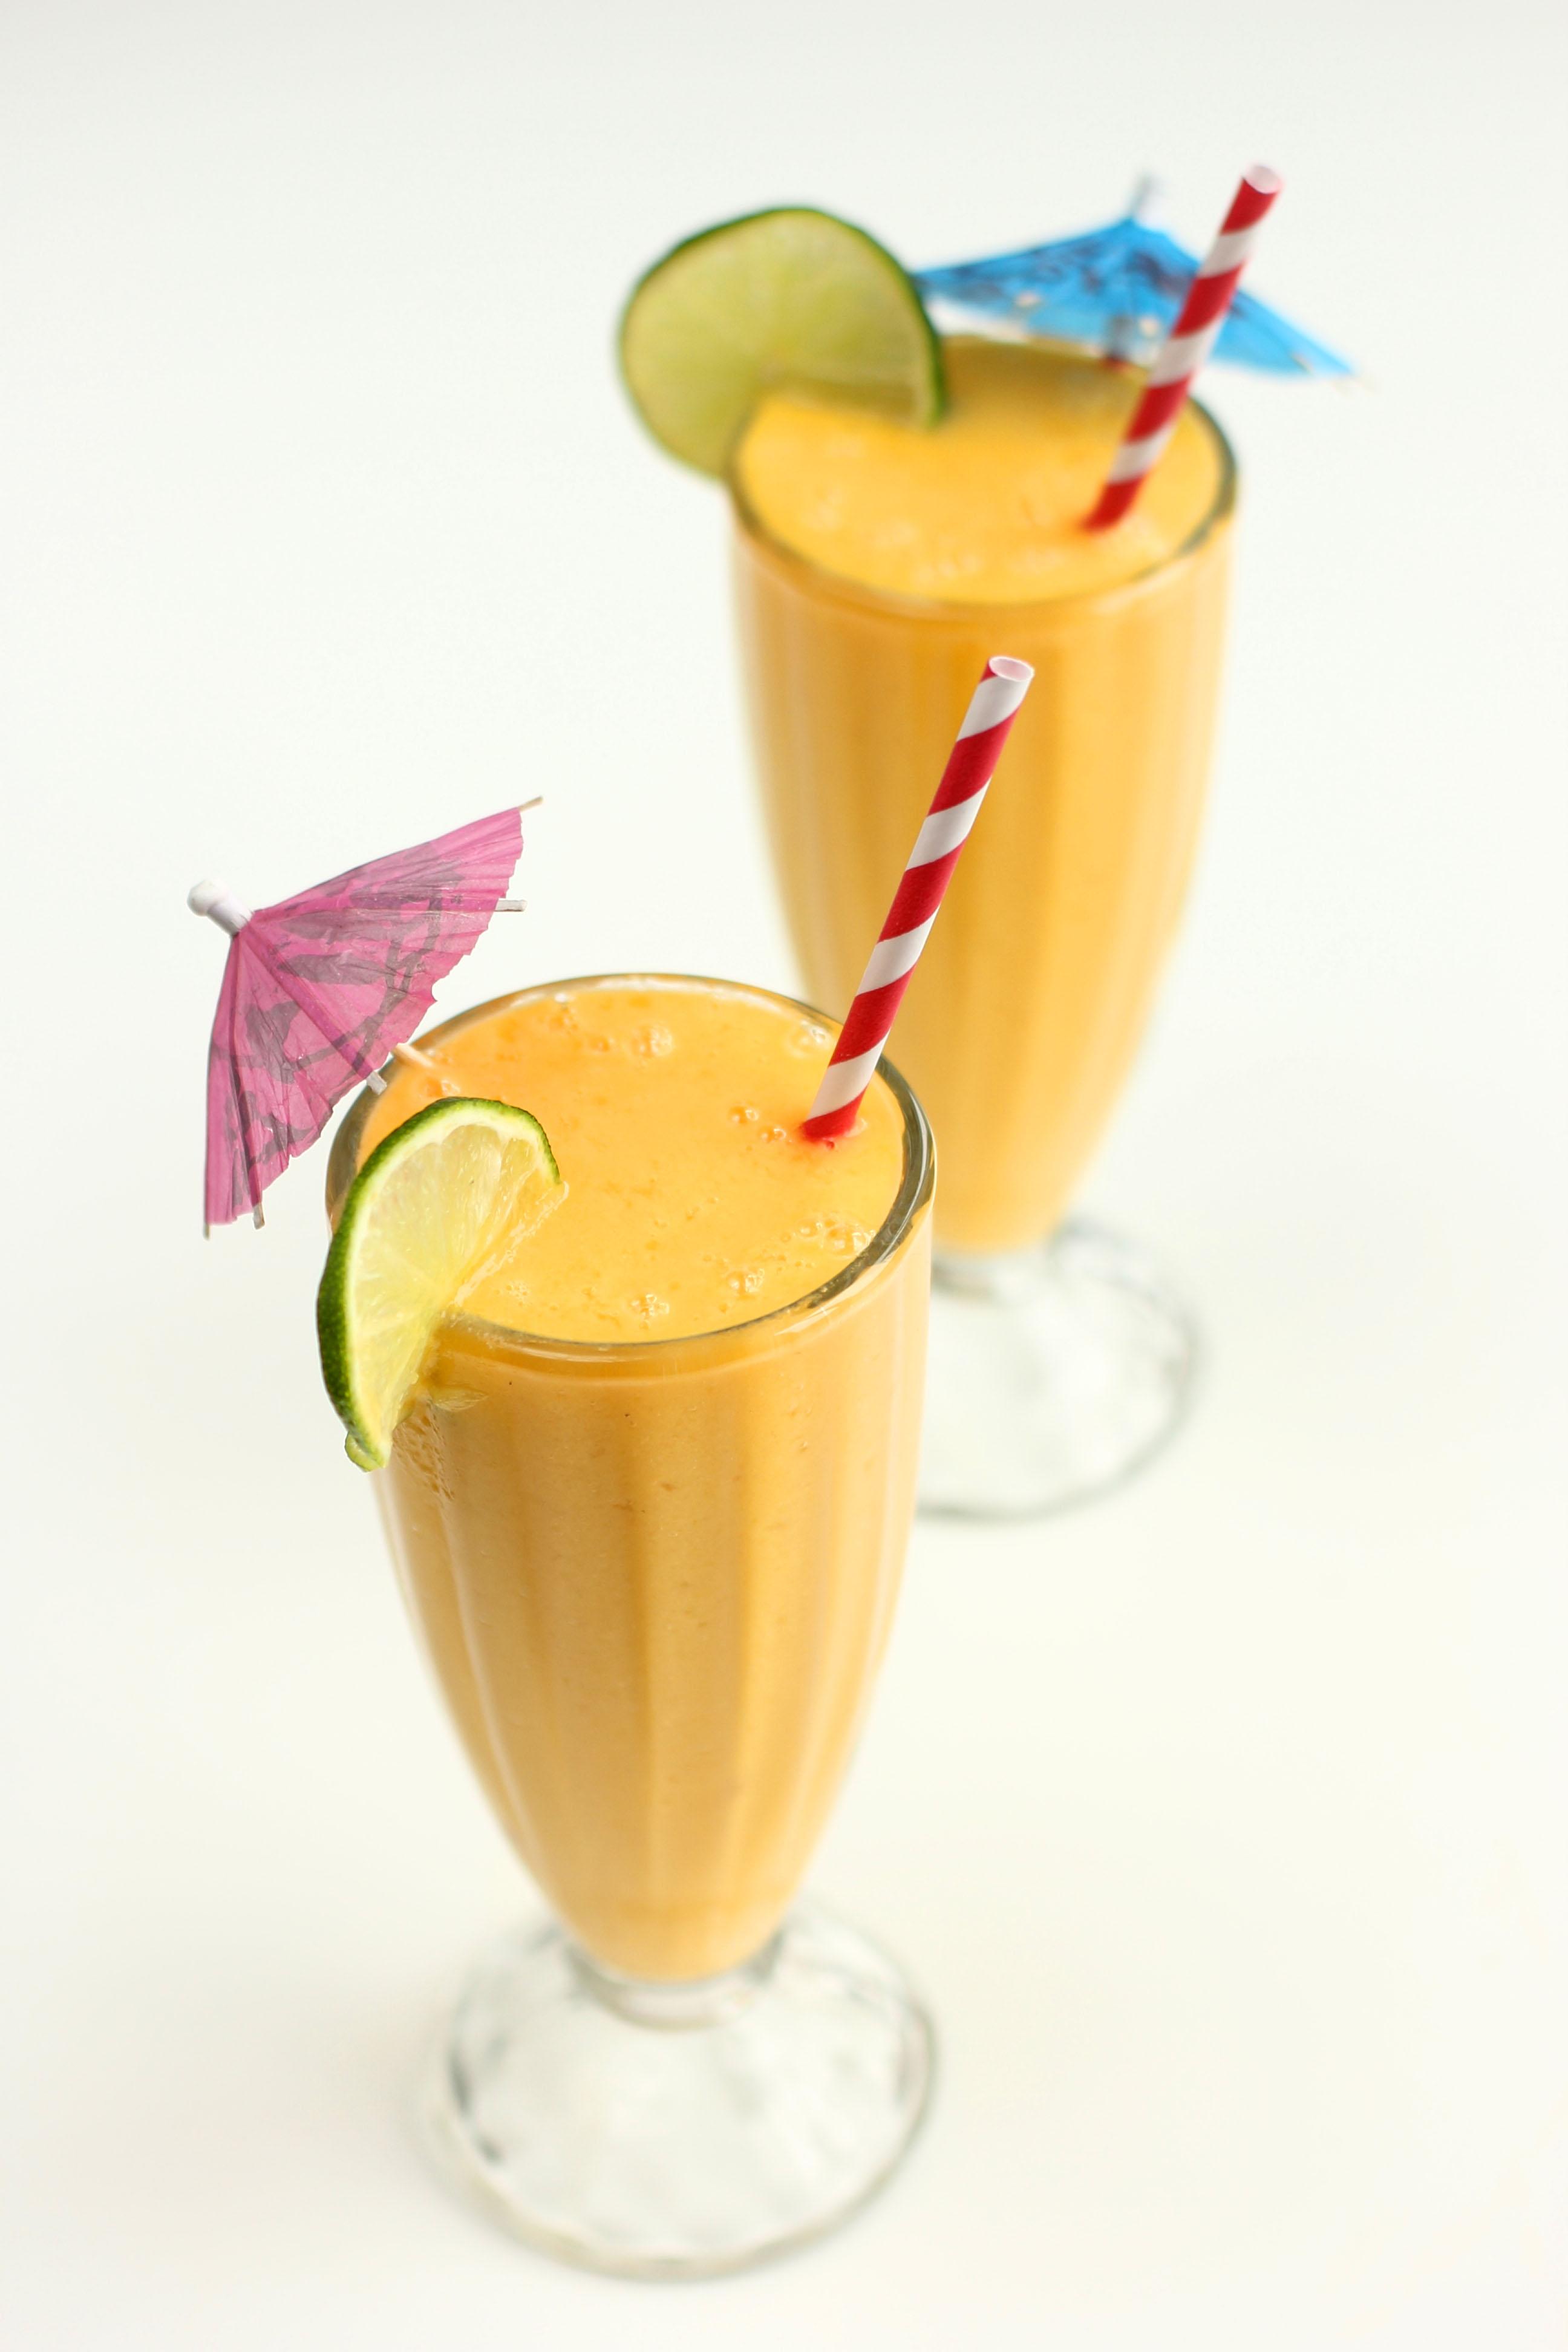 mango smoothie save recipe print recipe ingredients 1 large ripe mango ...